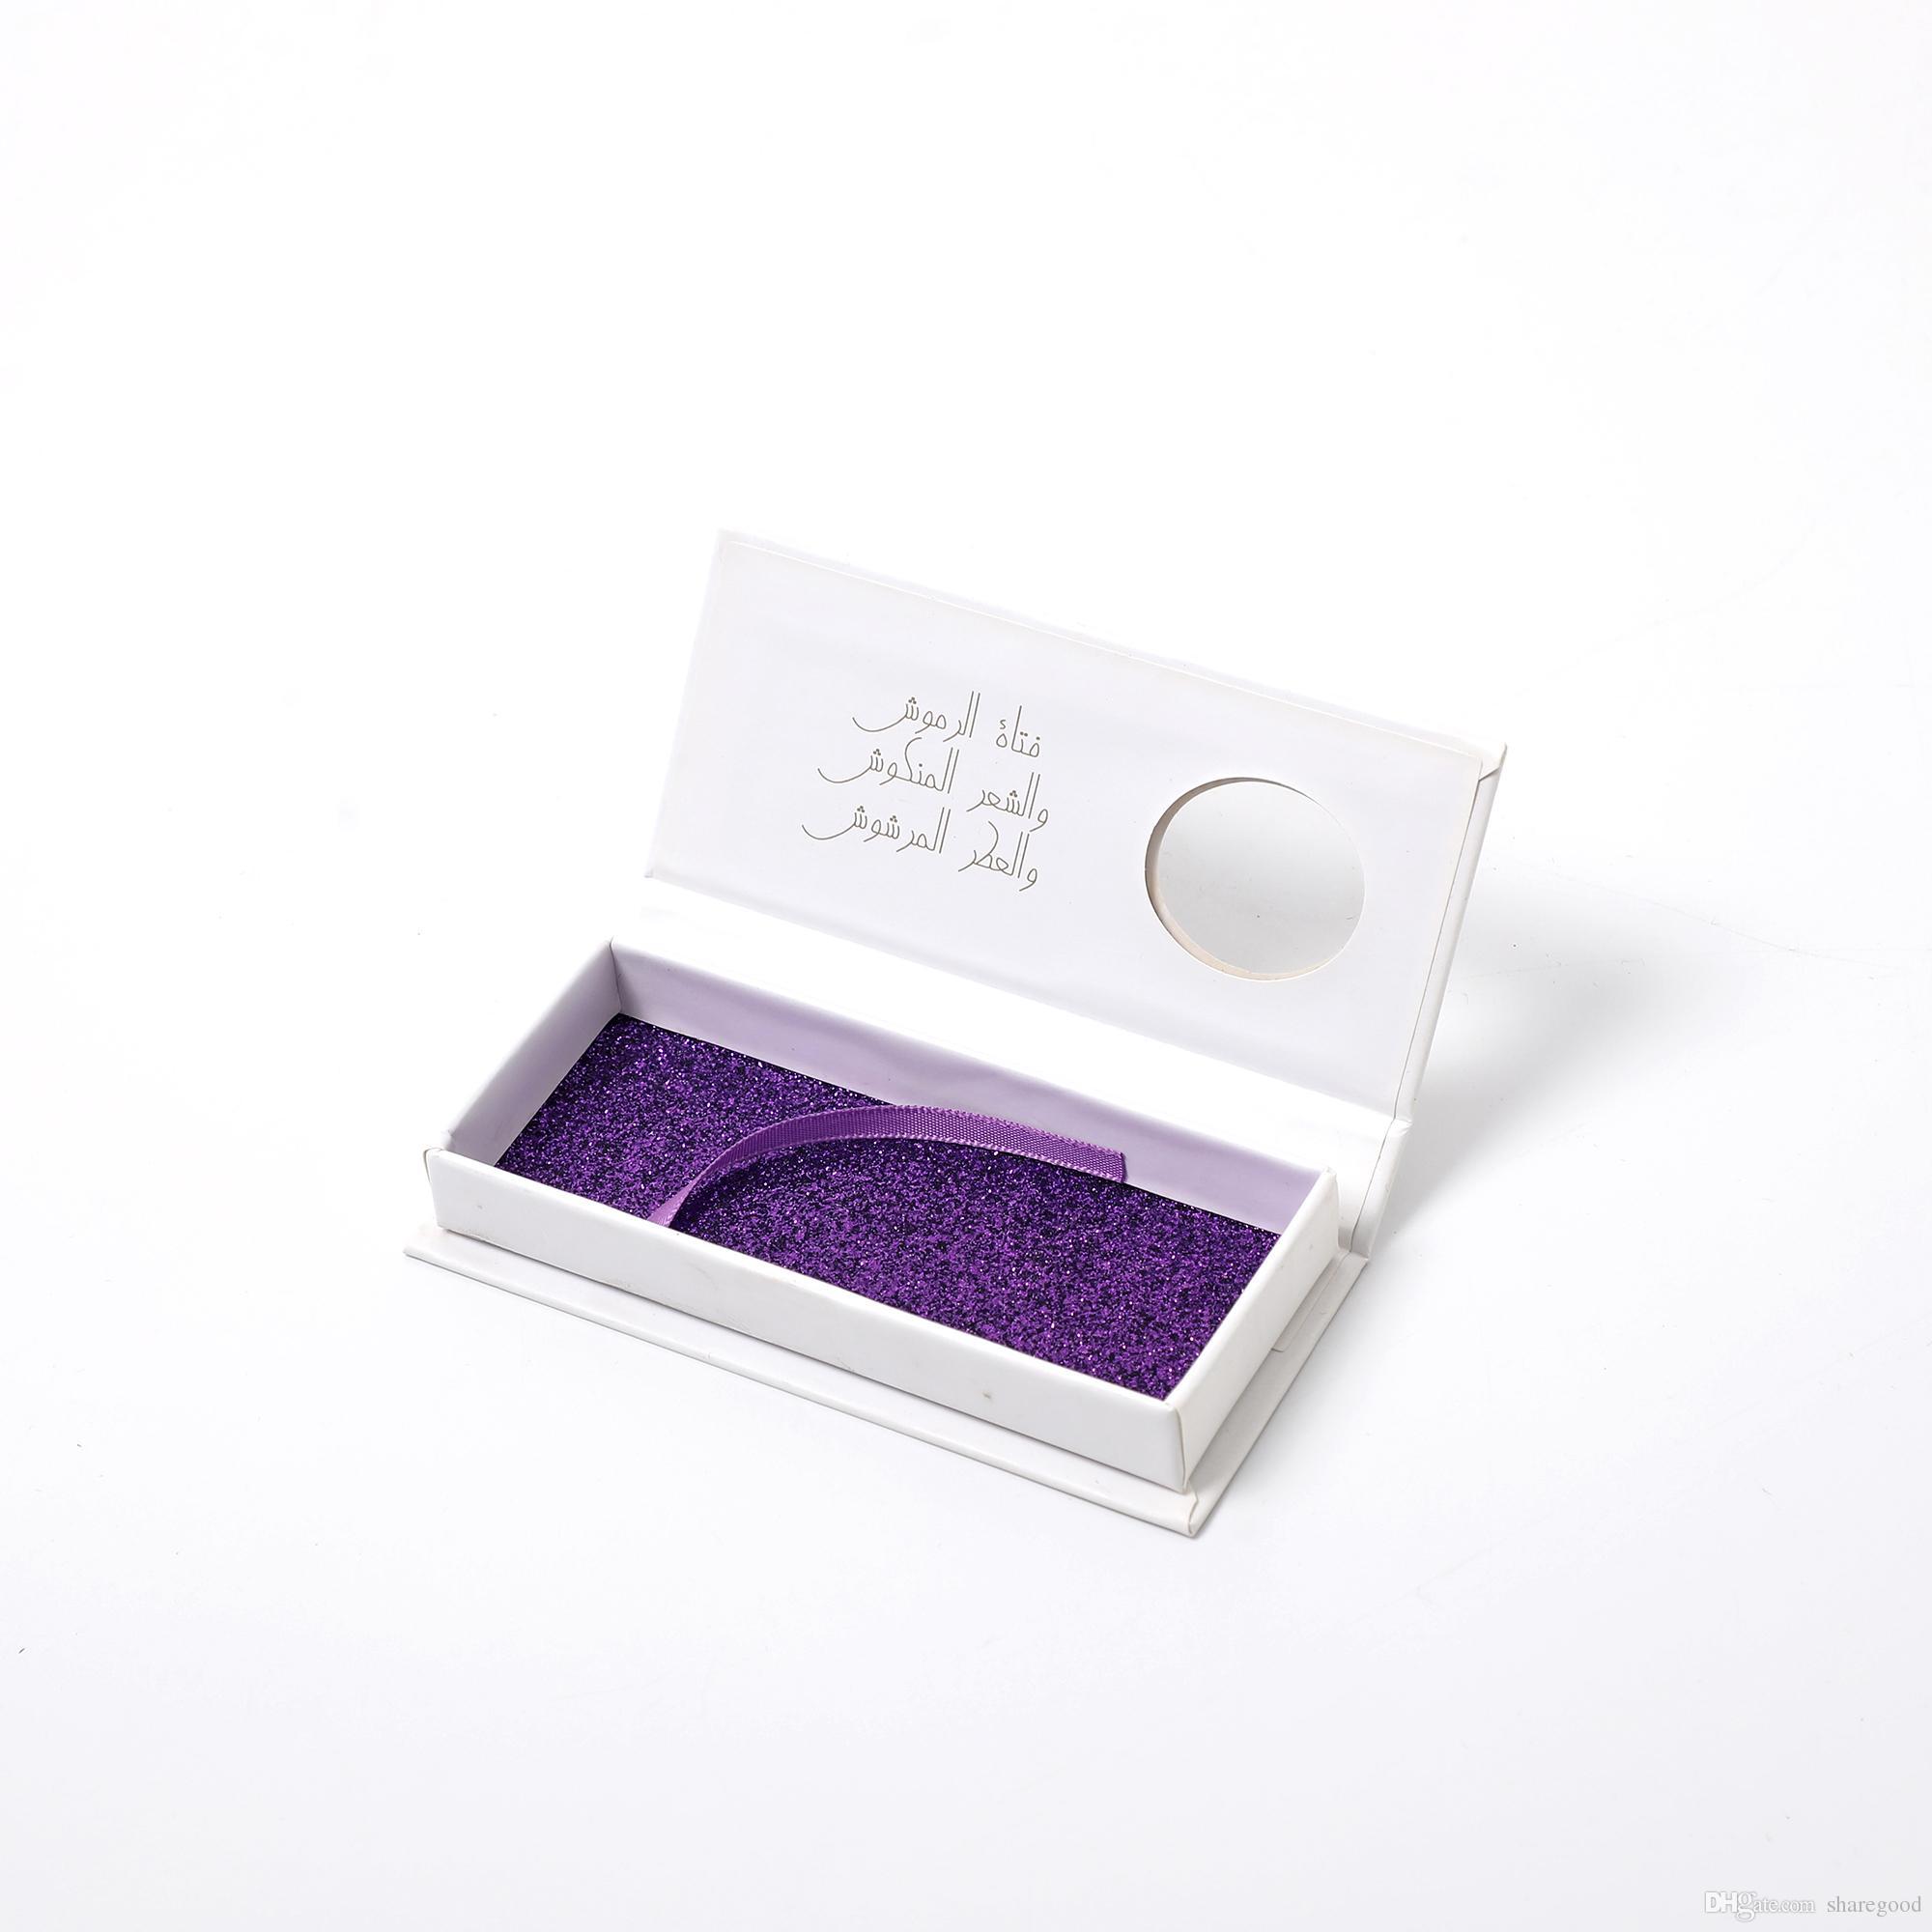 Caja de pestañas falsas 3D Ventas al por mayor Hermosa Estampación de oro Impreso LOGO cuadrado Cajas de embalaje de pestañas de cartón